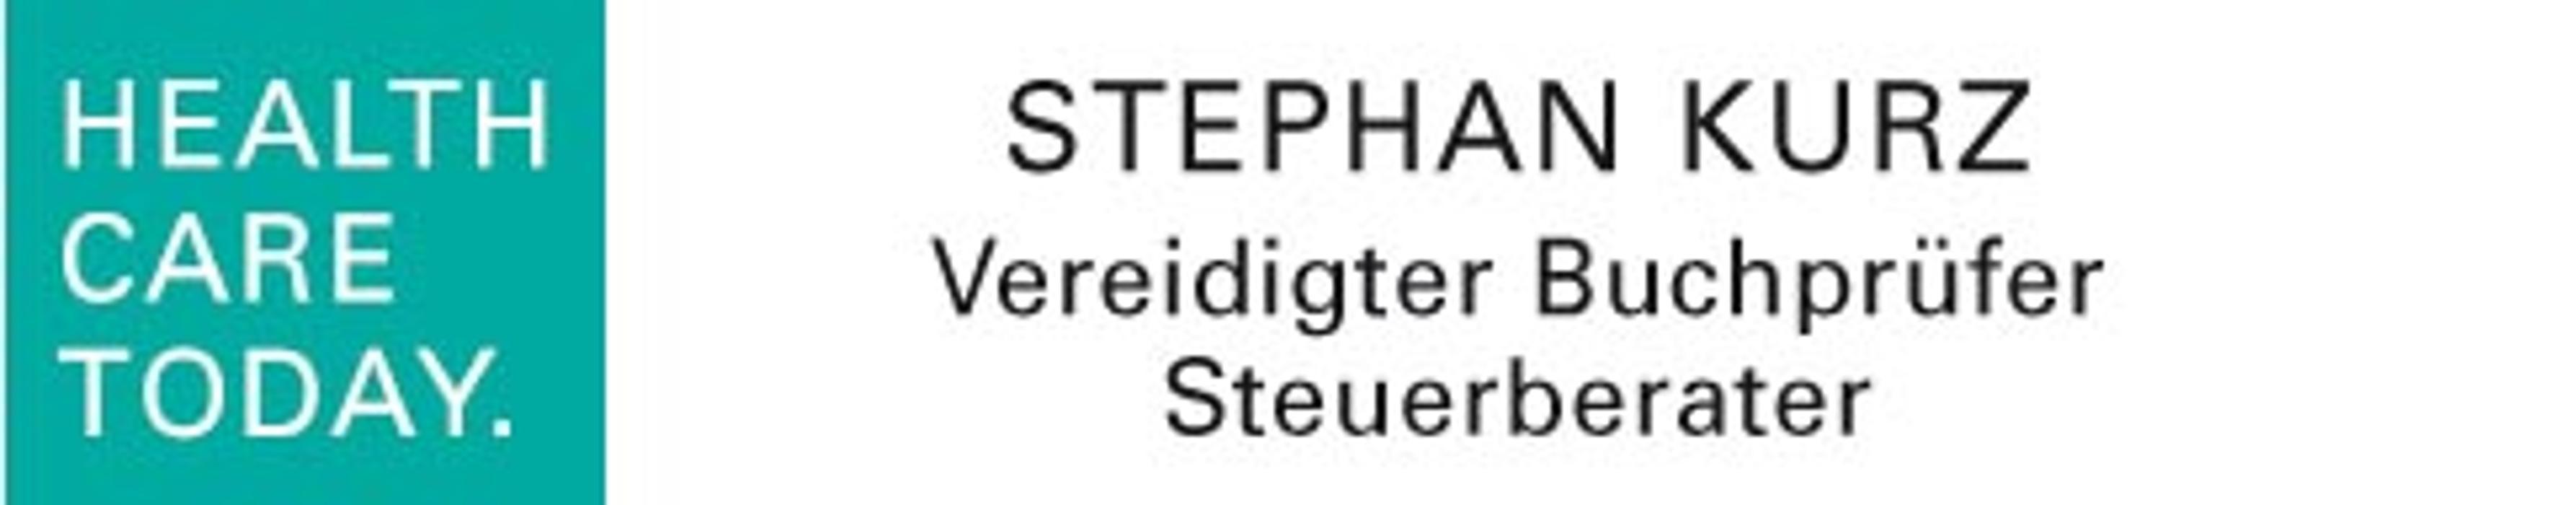 Bild zu Kurz & Schmitt PartG mbB - Steuerberatungsgesellschaft & Buchprüfungsgesellschaft in Karlsruhe